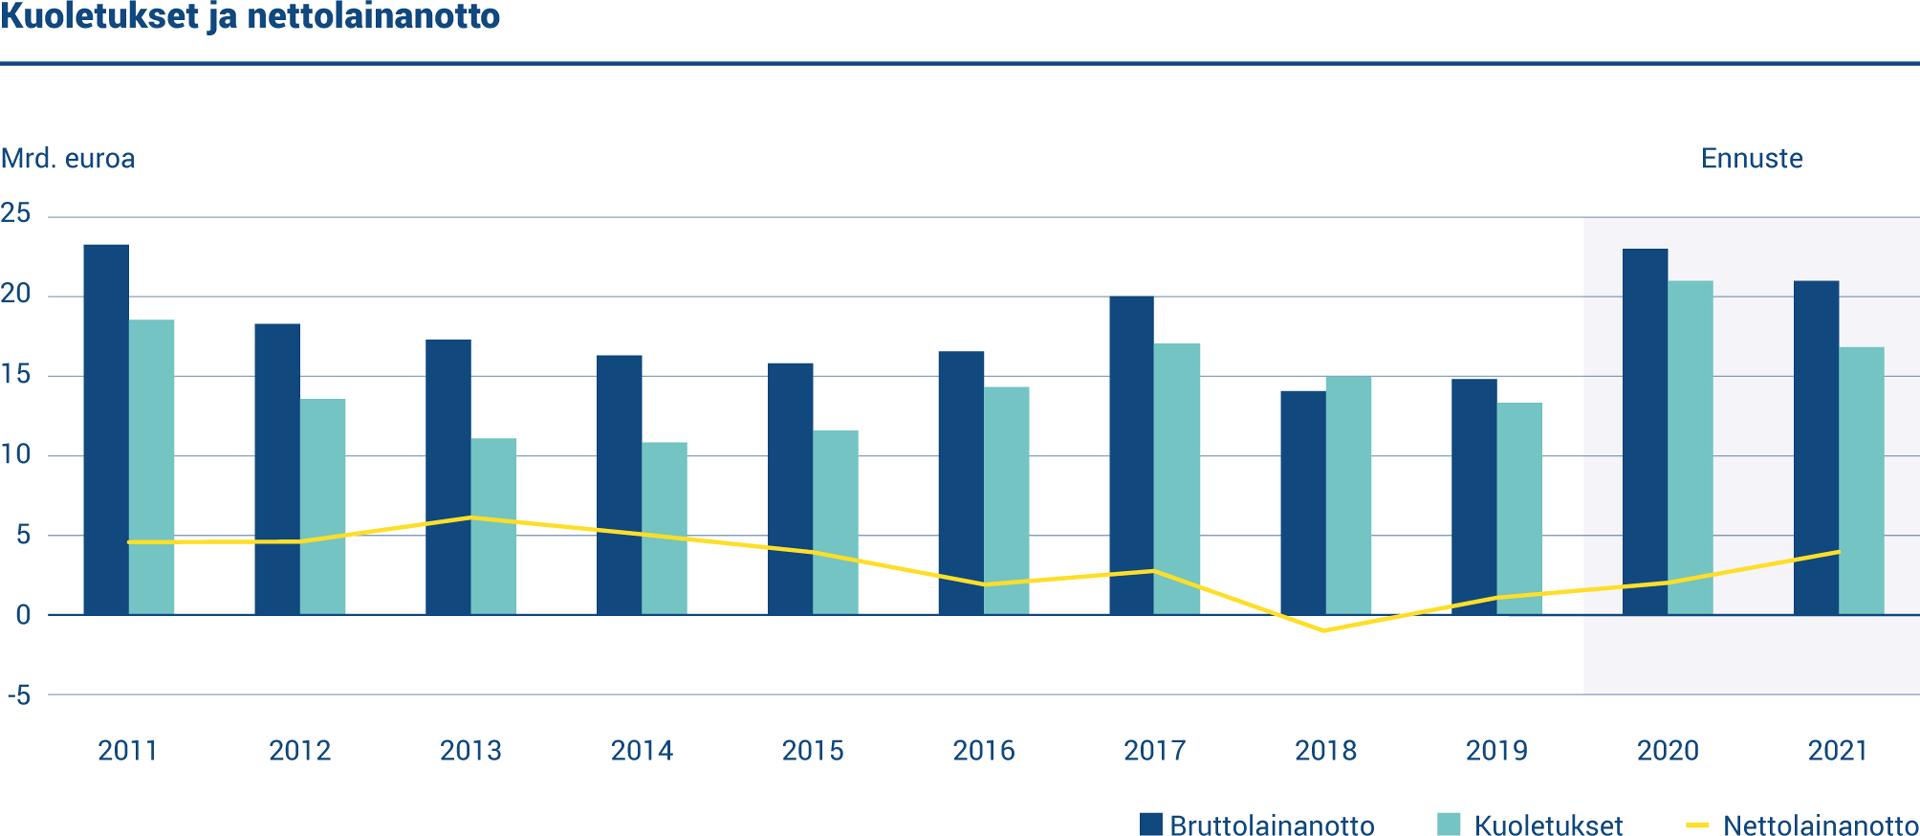 Kaaviossa esitetään vuosittainen bruttolainanotto, kuoletukset ja nettolainanotto vuosina 2011–2021. Kuoletuksia oli 13,4 miljardin euron edestä ja nettolainanoton määrä oli 1,40 miljardia euroa vuonna 2019.